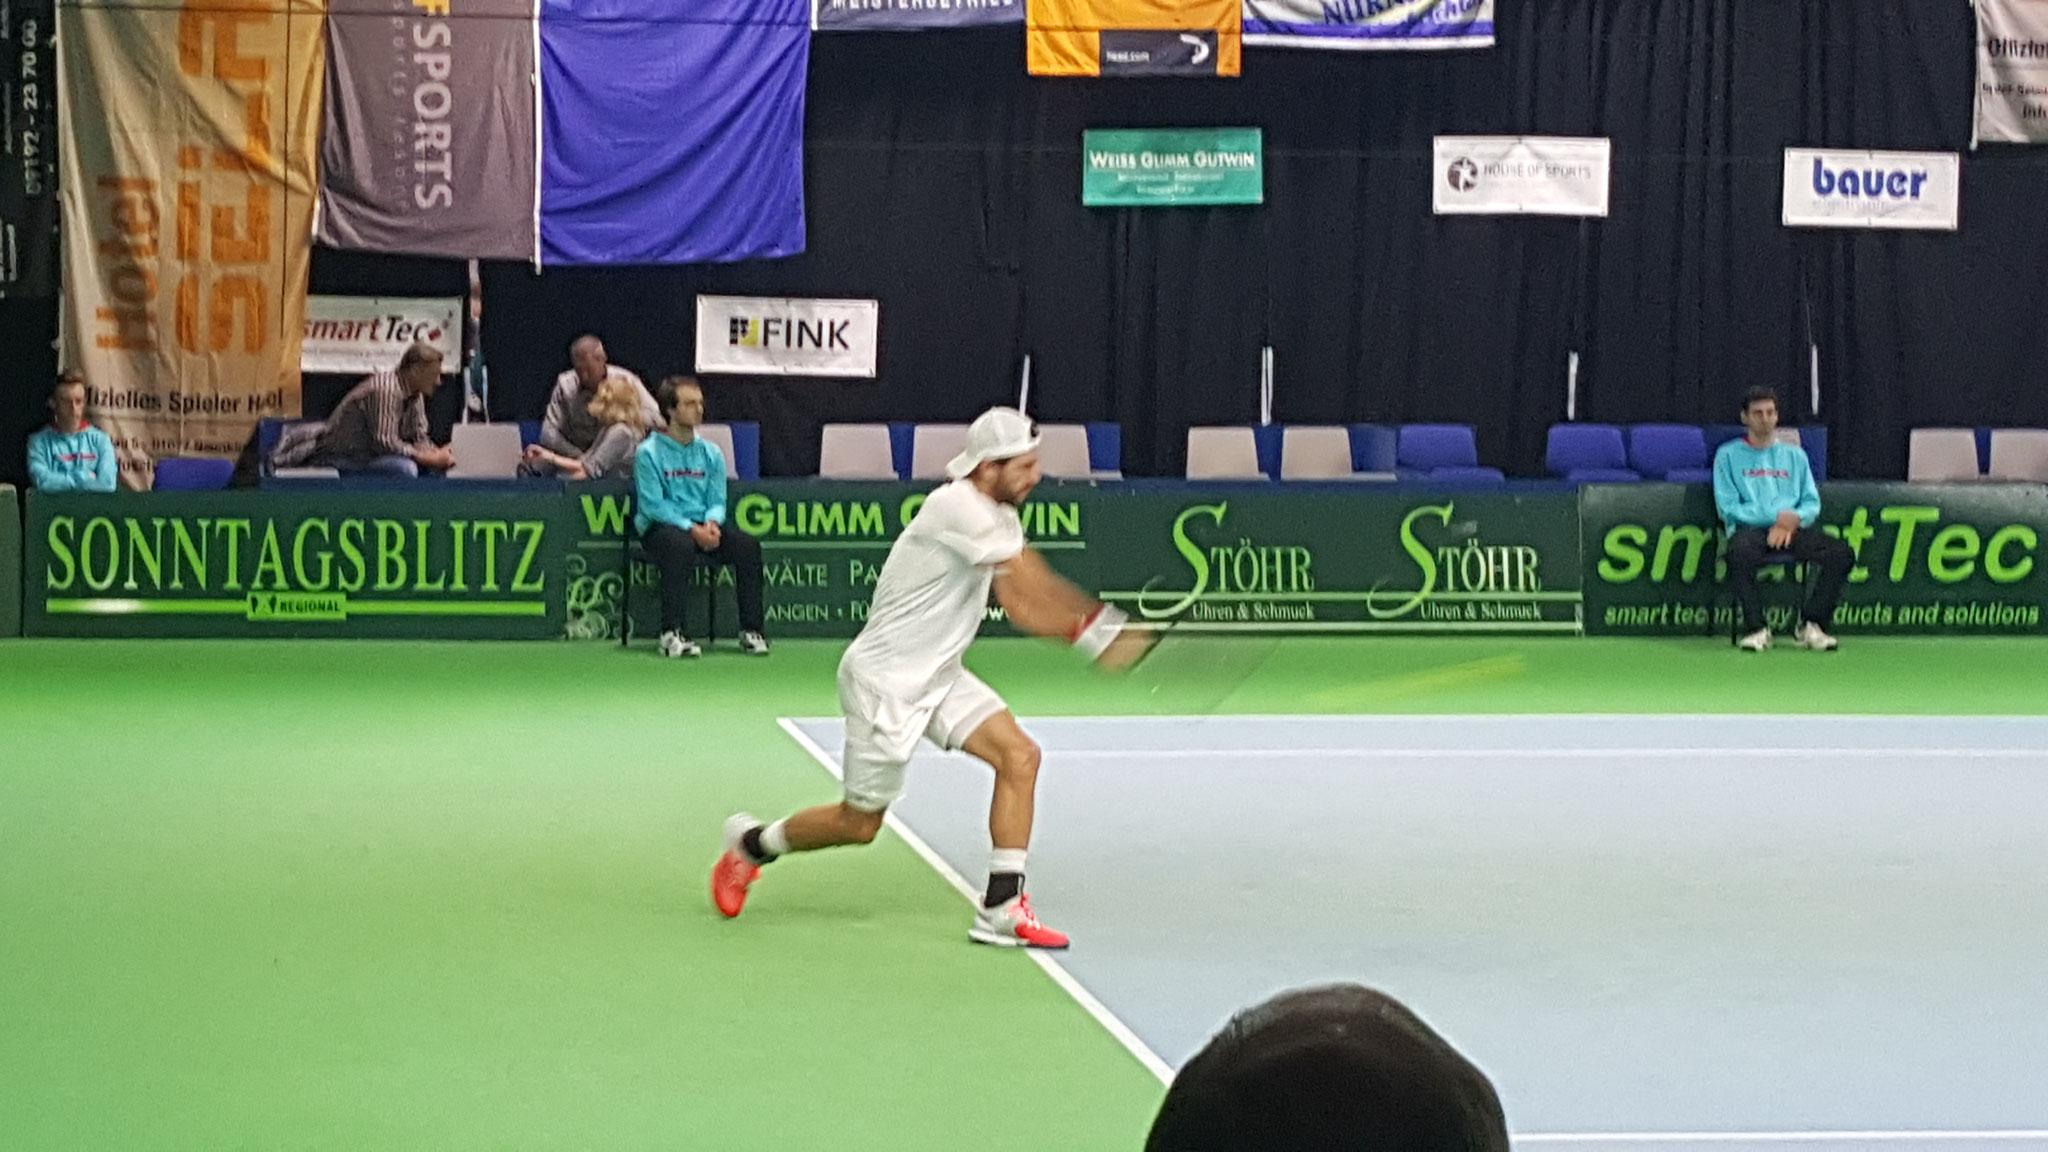 Jürgen Melzer, ehemalige Wimbledon und US Open Champion im Doppel.